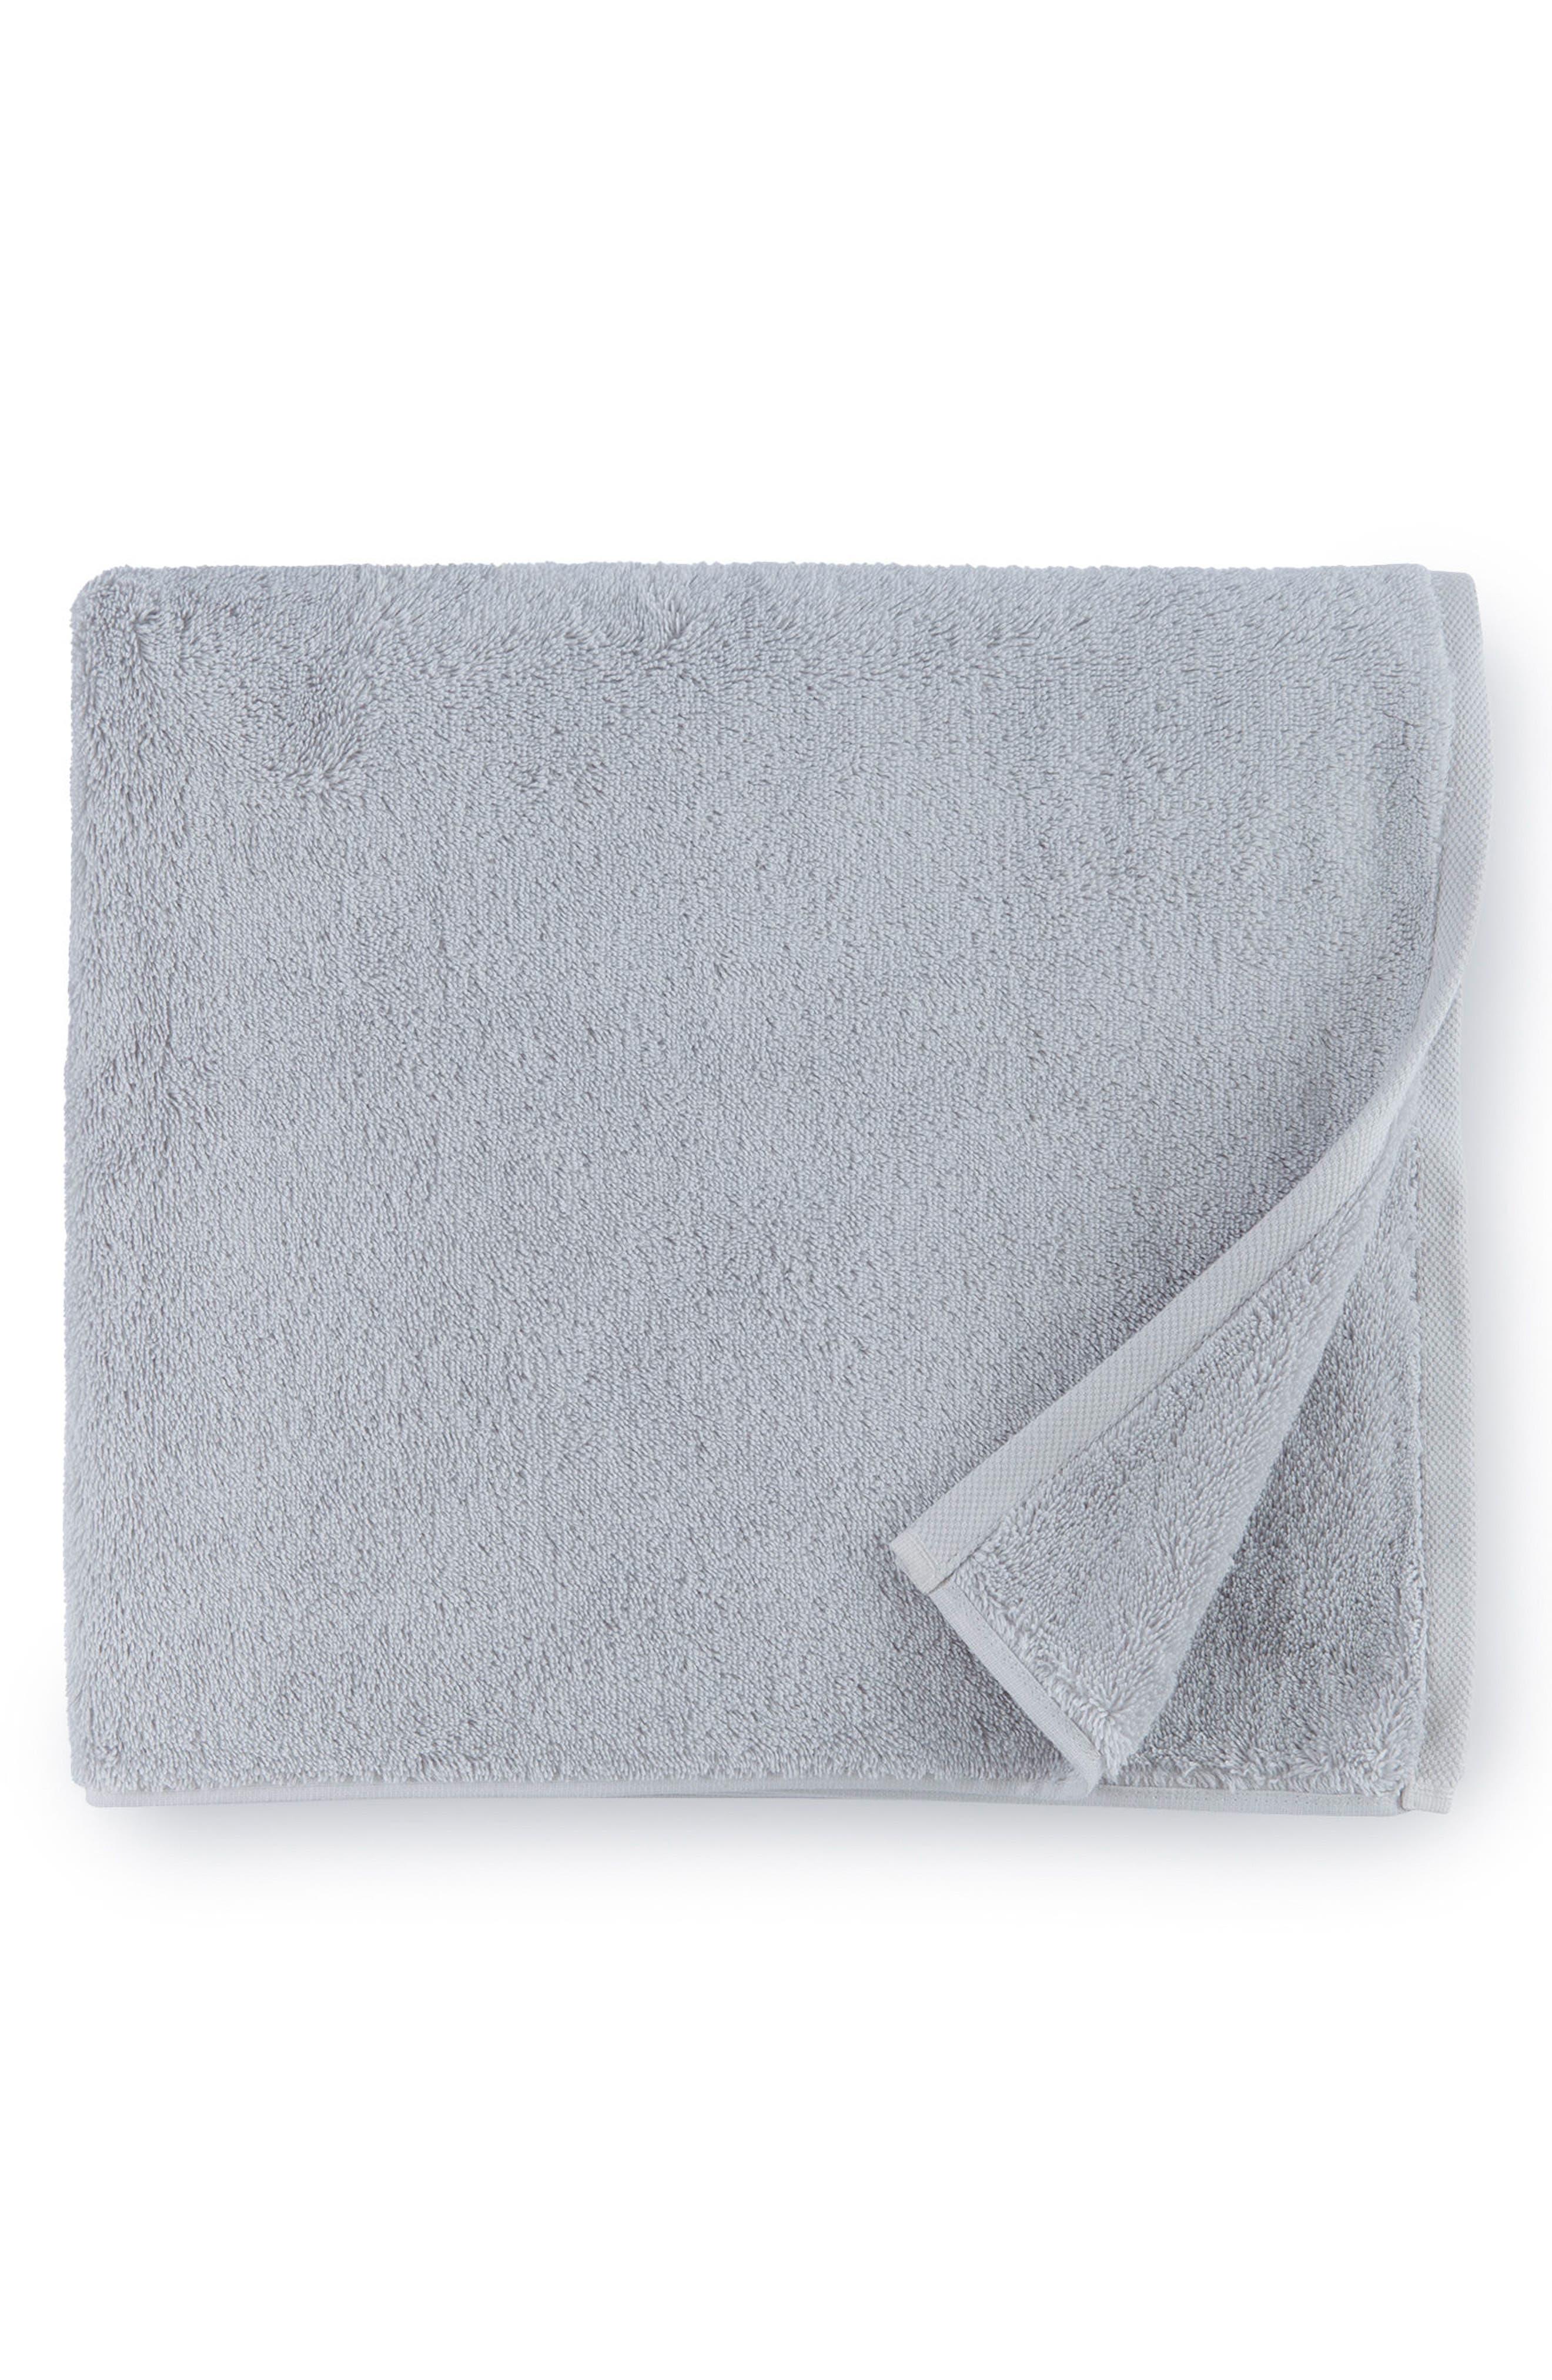 Sarma Hand Towel,                             Main thumbnail 1, color,                             020